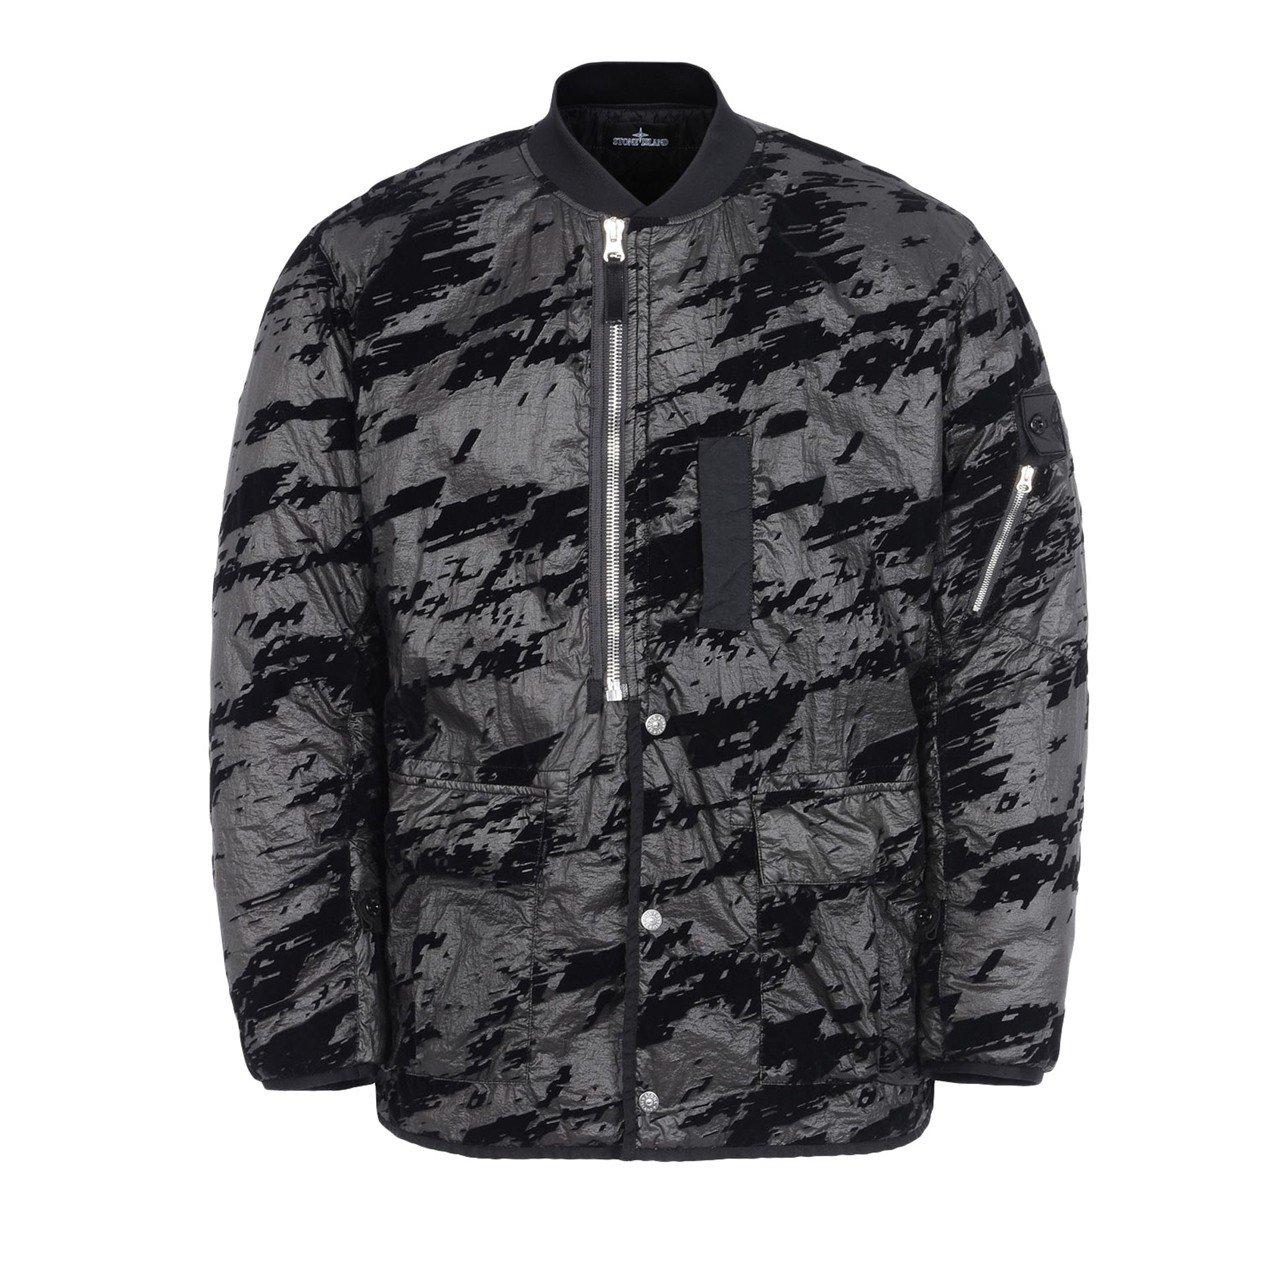 stone-island-shadow-project-padded-bomber-jacket-lucid-flock-black-681940503-v0029-1